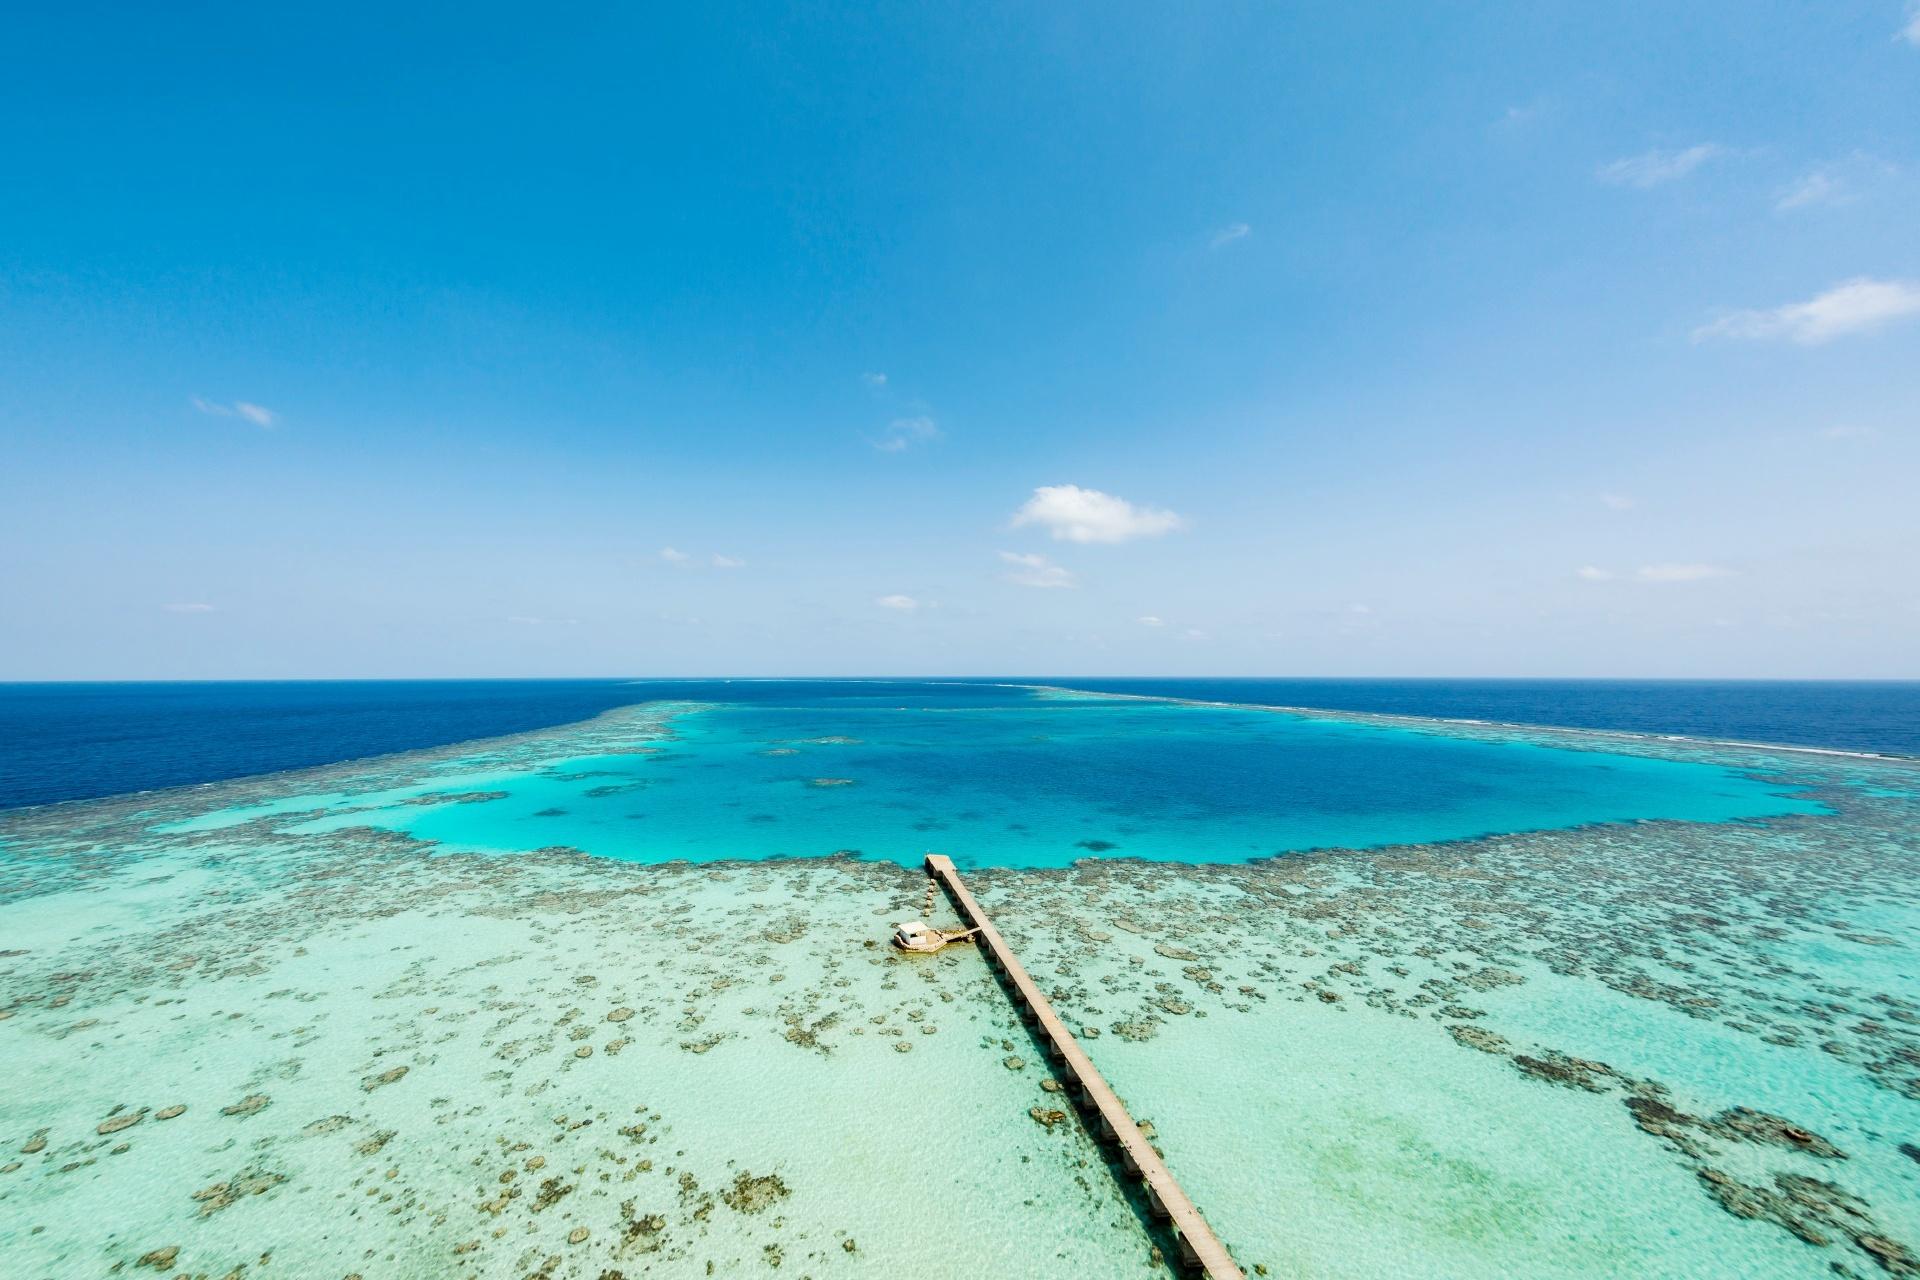 サンガネーブ海洋国立公園とドンゴナーブ湾=ムカッワー島海洋国立公園 スーダン